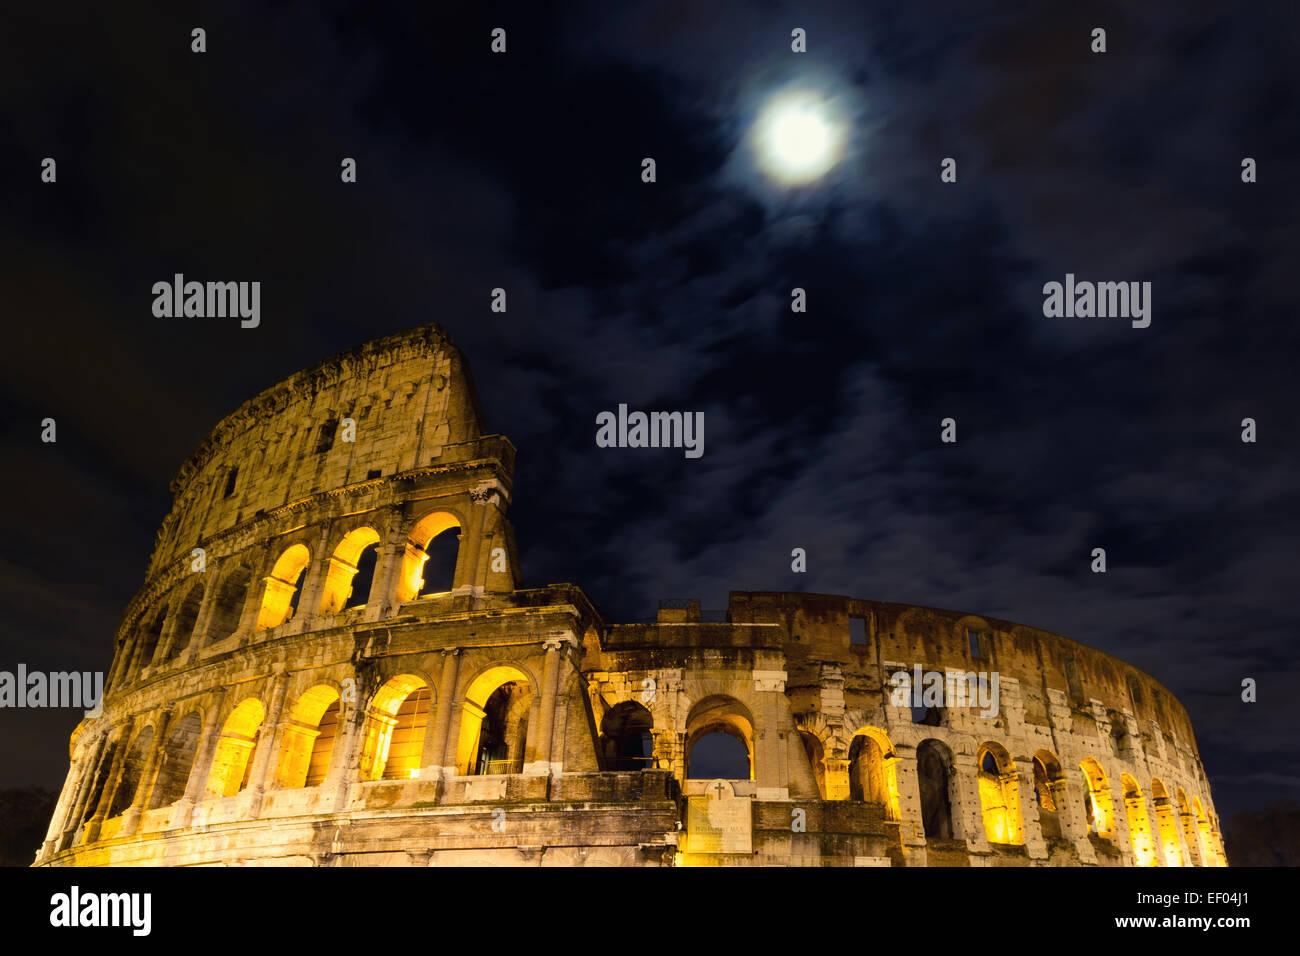 Das Kolosseum unter dem Vollmond, Rom, Italien Stockbild